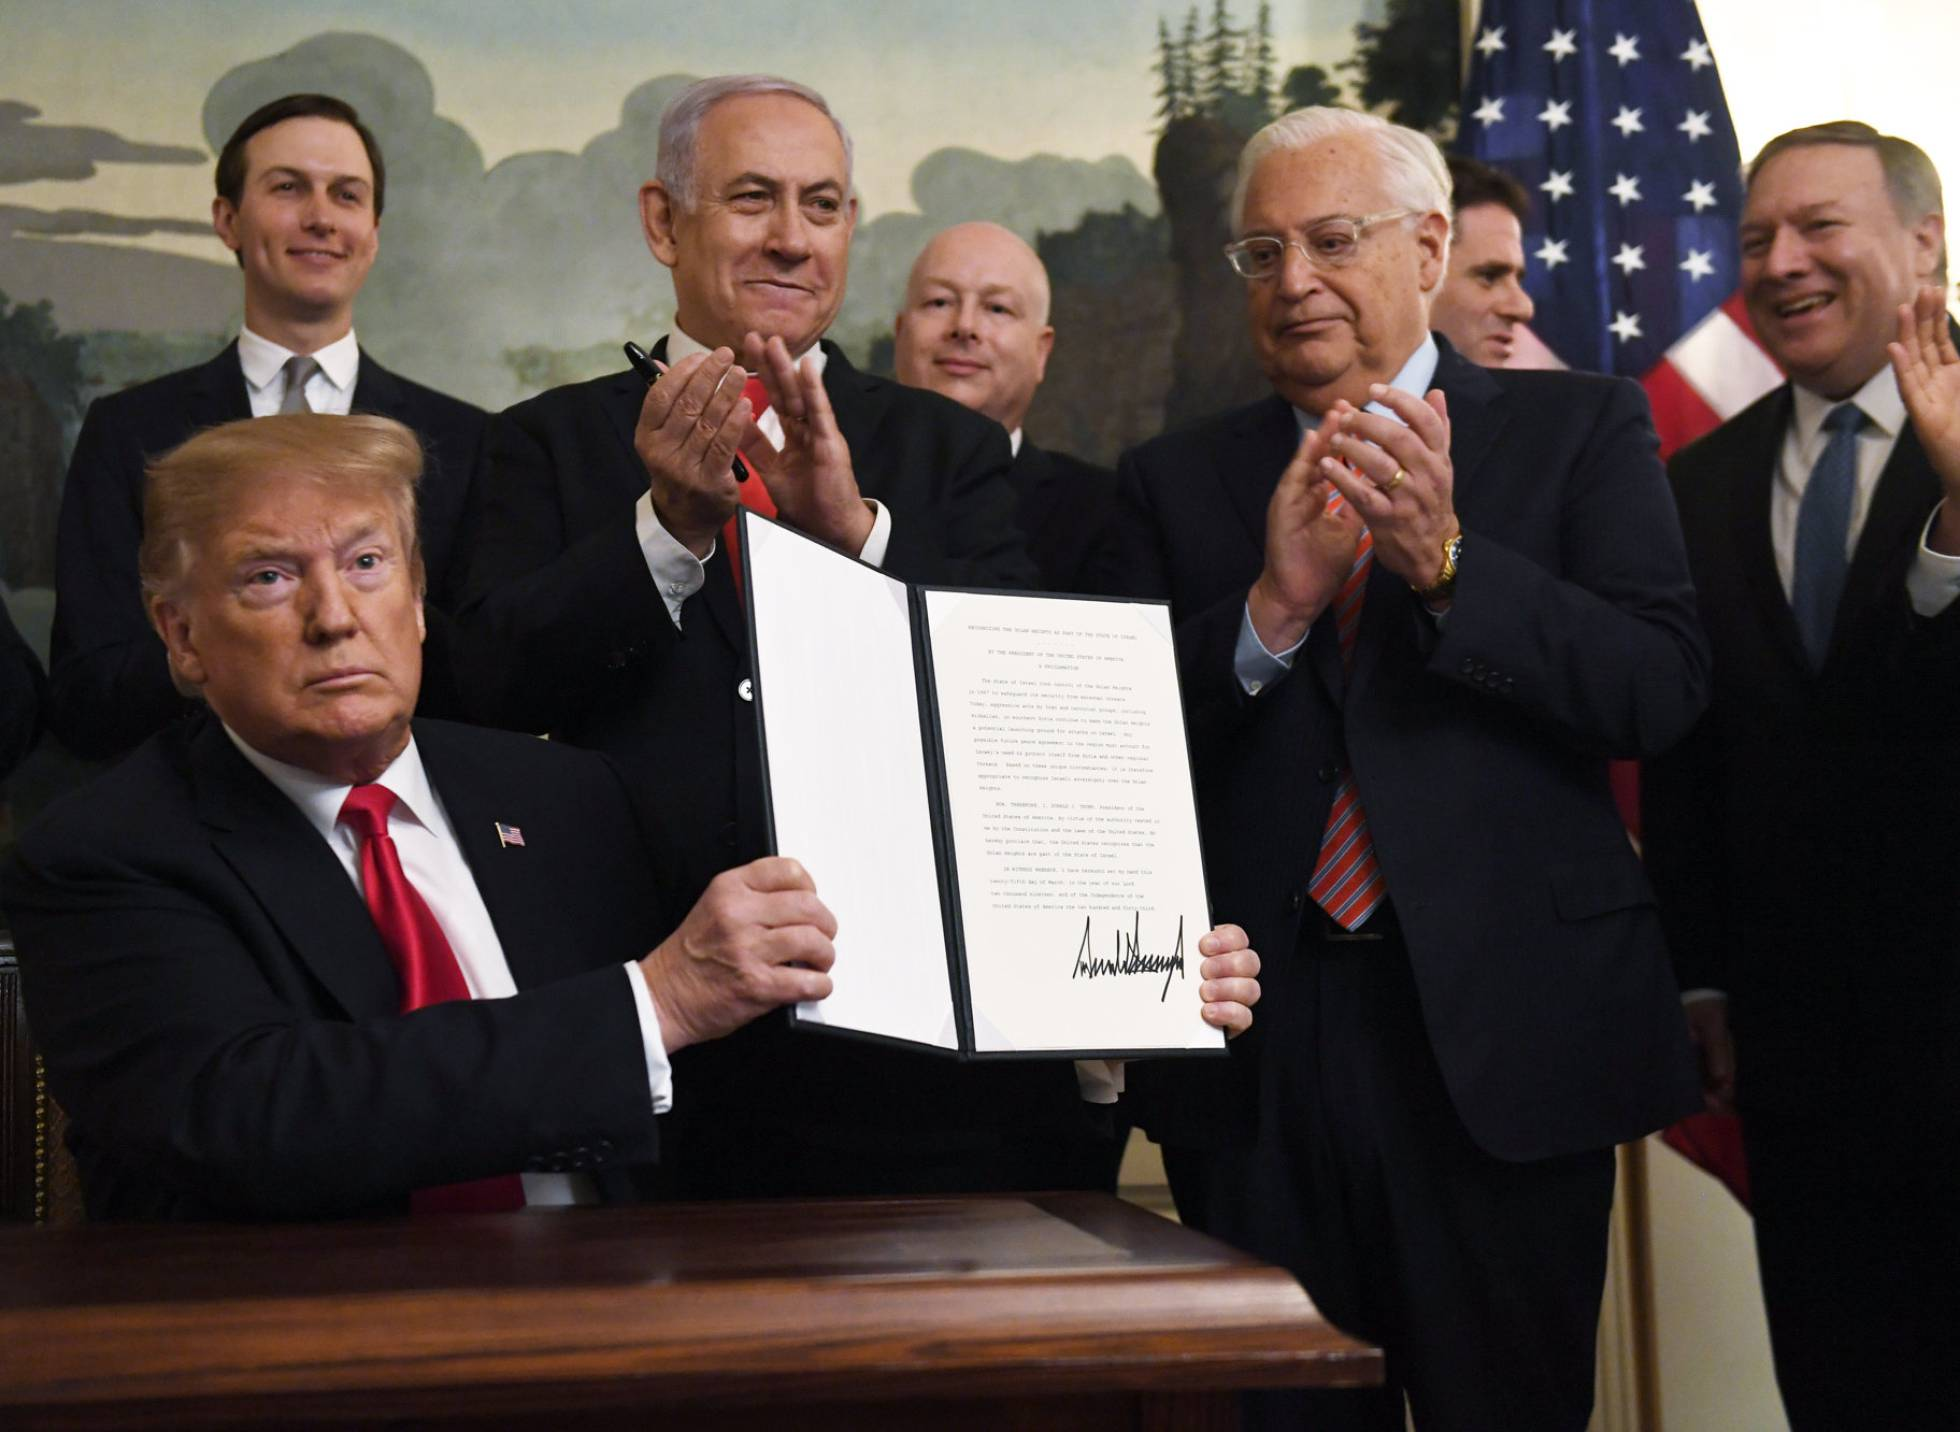 Estados Unidos ataca la legítima soberanía Siria sobre los Altos del Golán